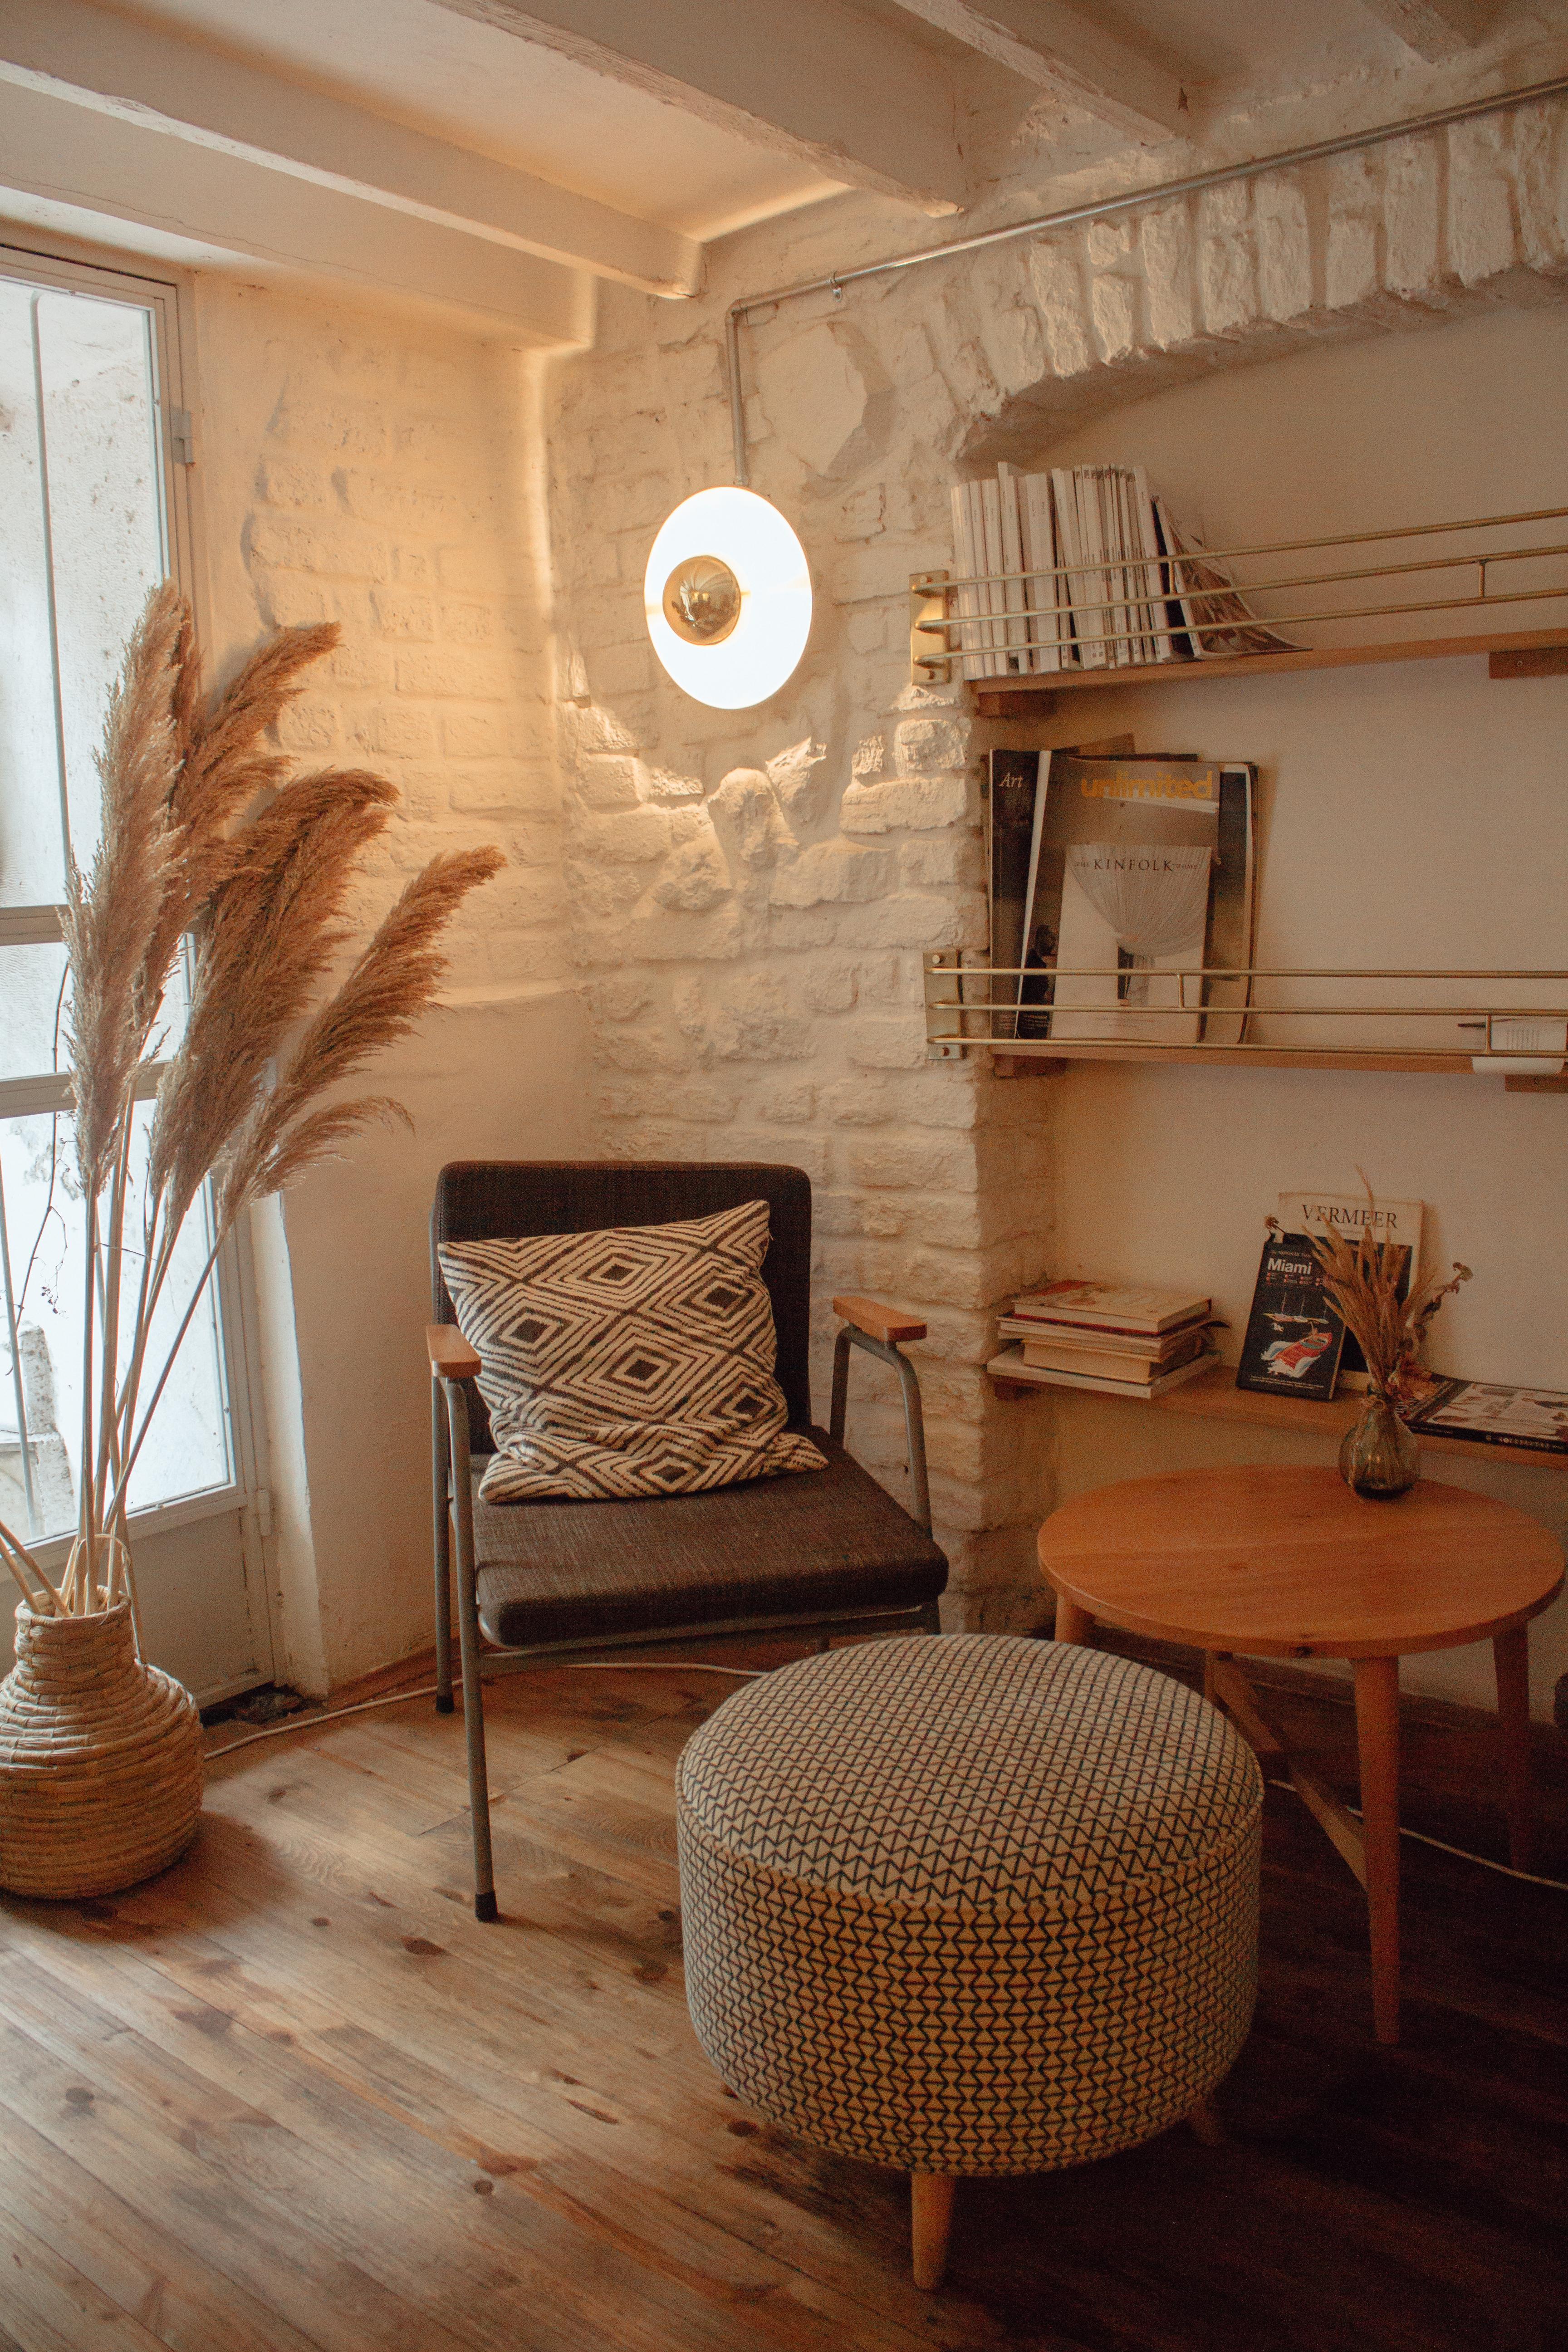 Armchair Near Table and Ottoman